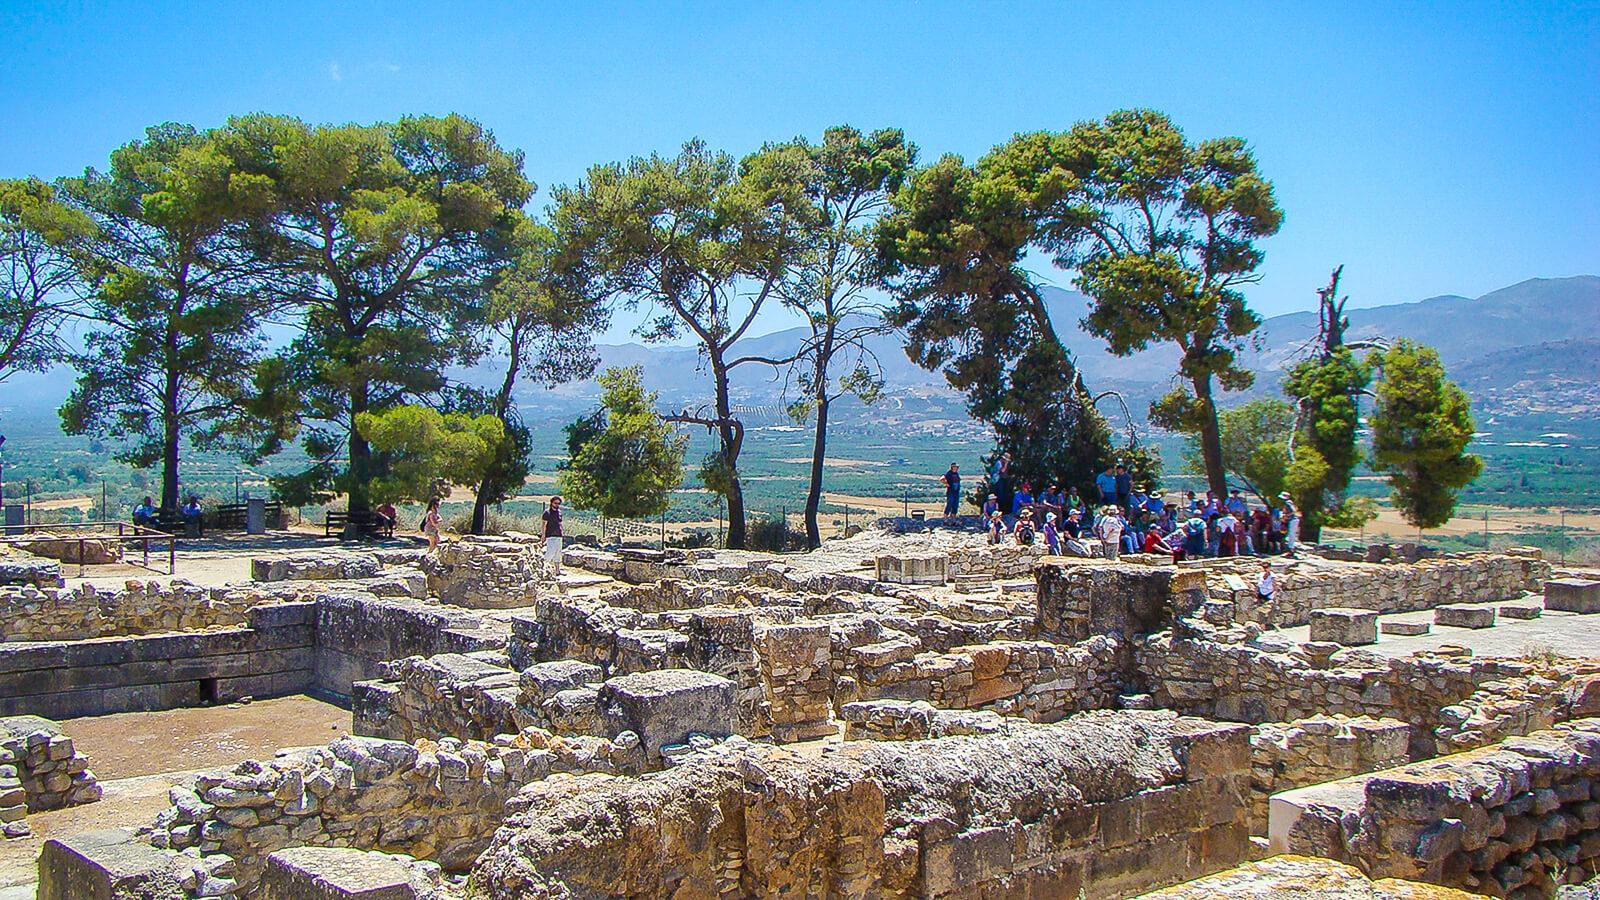 Festos (Faisto) diskas ir jo radimvietė centrinėje Kretoje